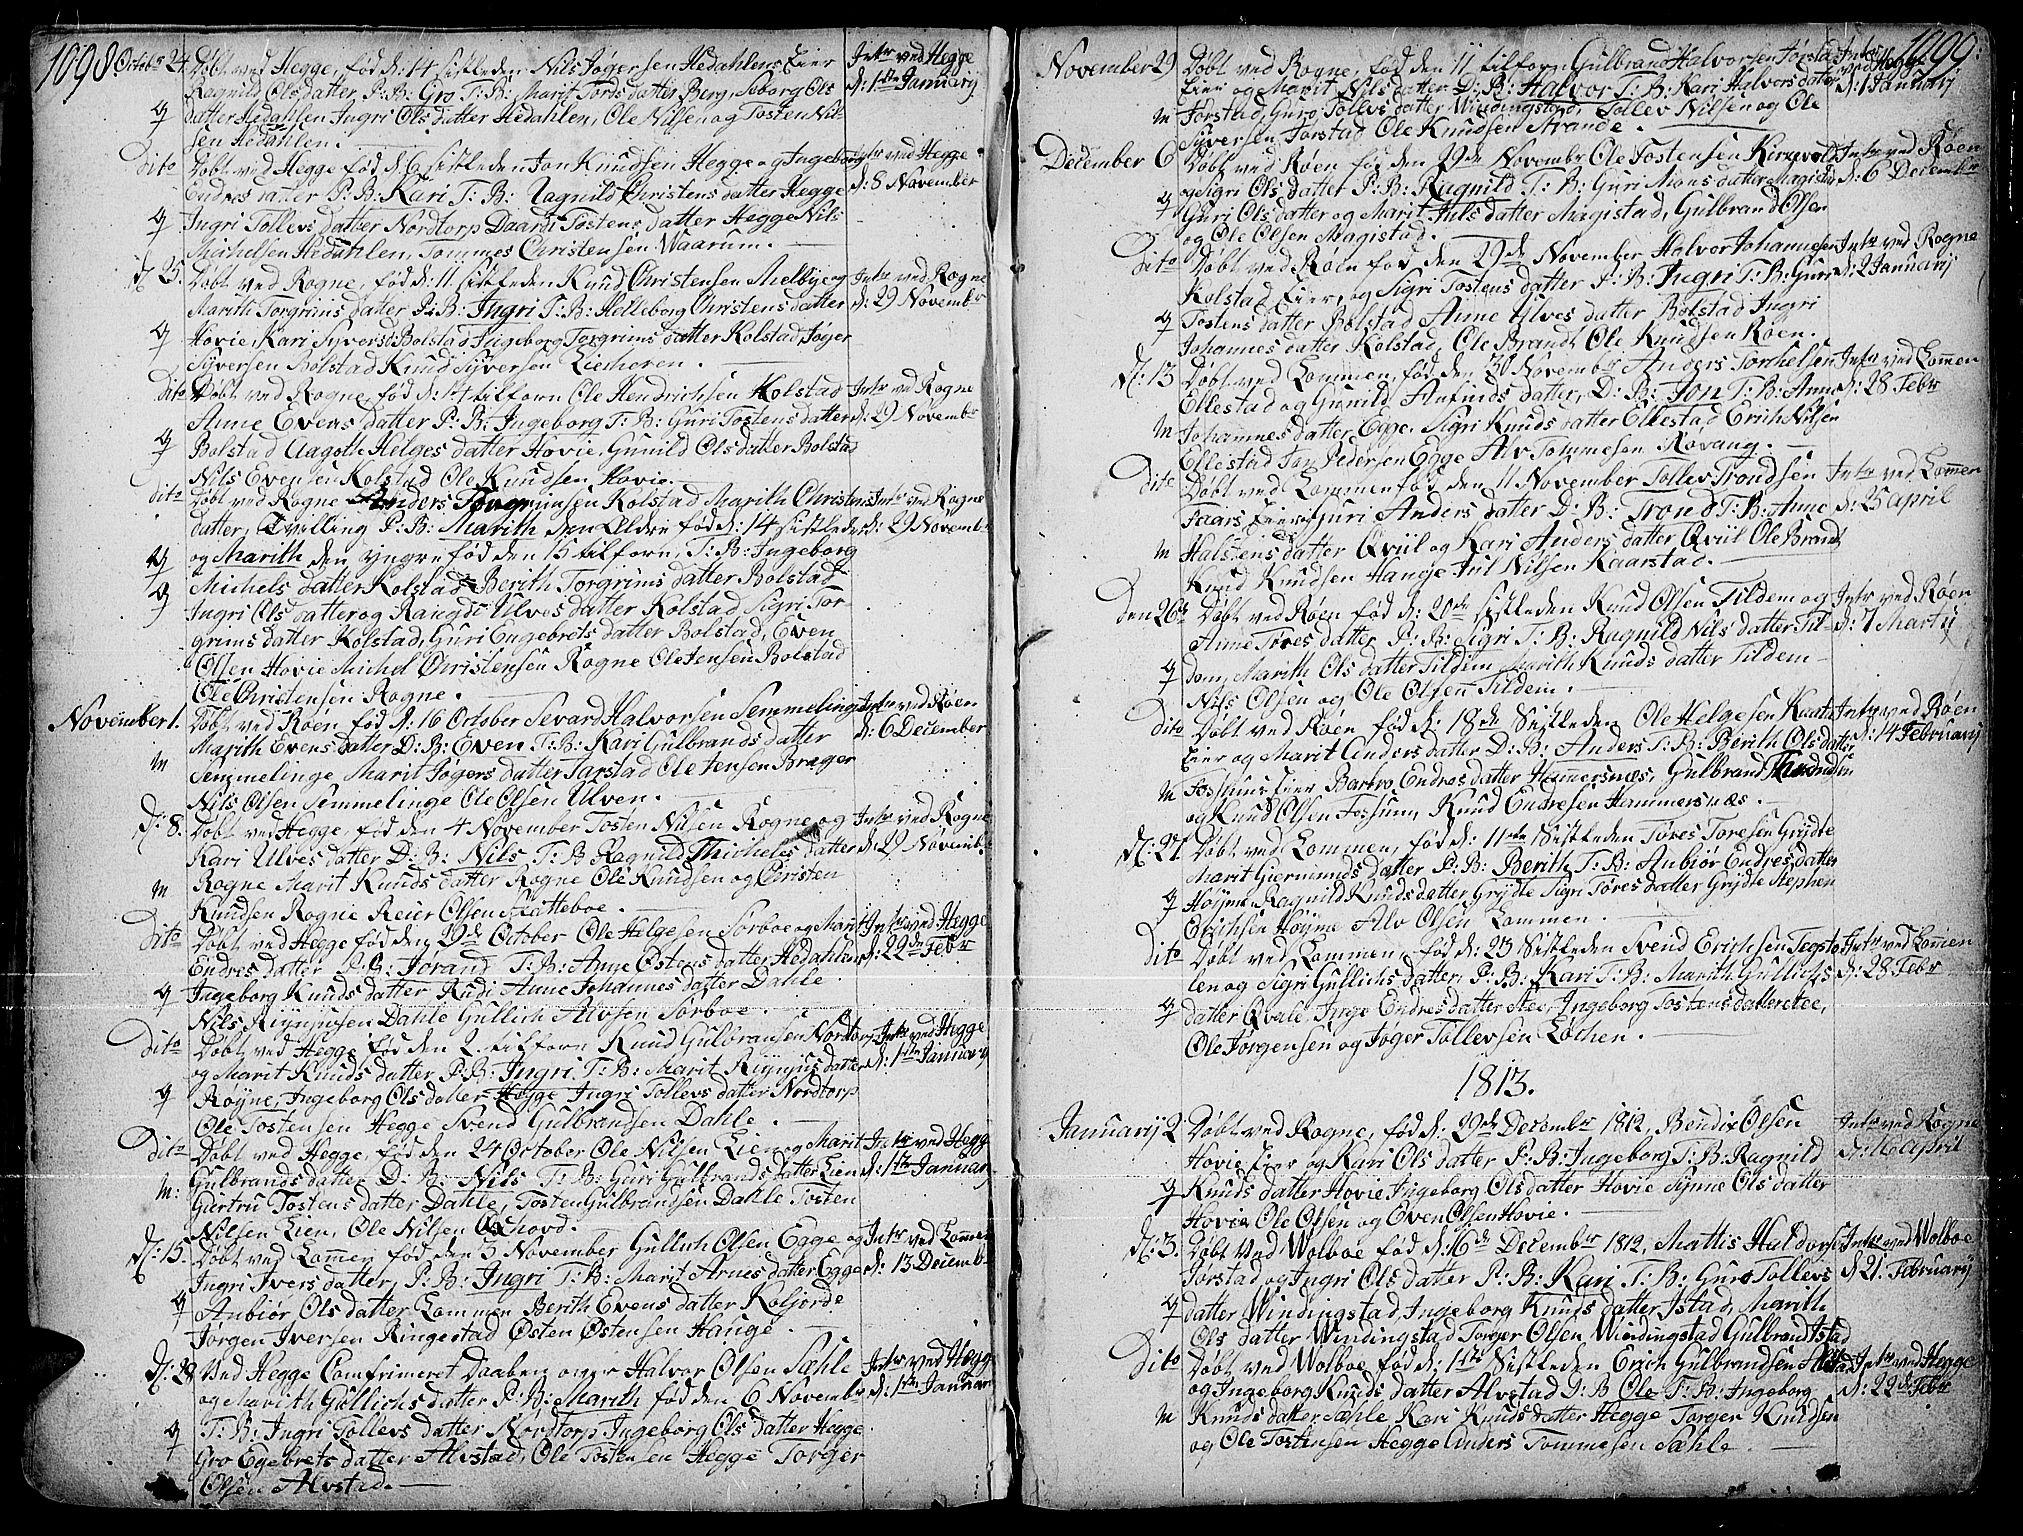 SAH, Slidre prestekontor, Ministerialbok nr. 1, 1724-1814, s. 1098-1099